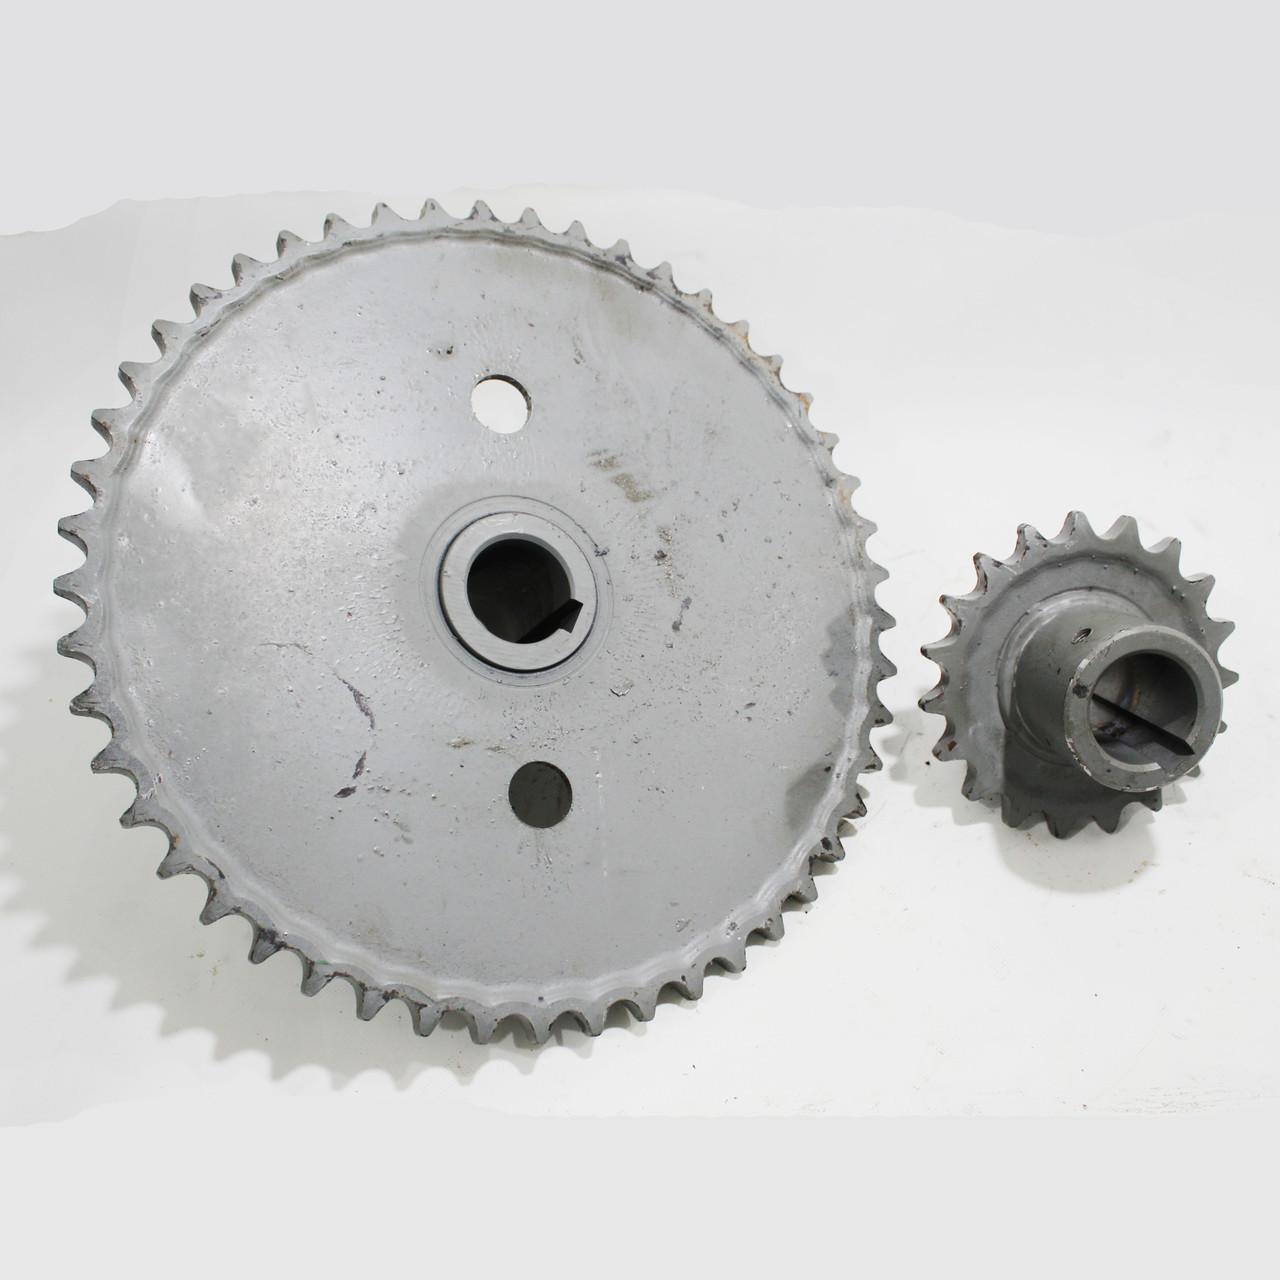 Комплект звездочек для уменьшения оборотов барабана Енисей Z-49 Z-19